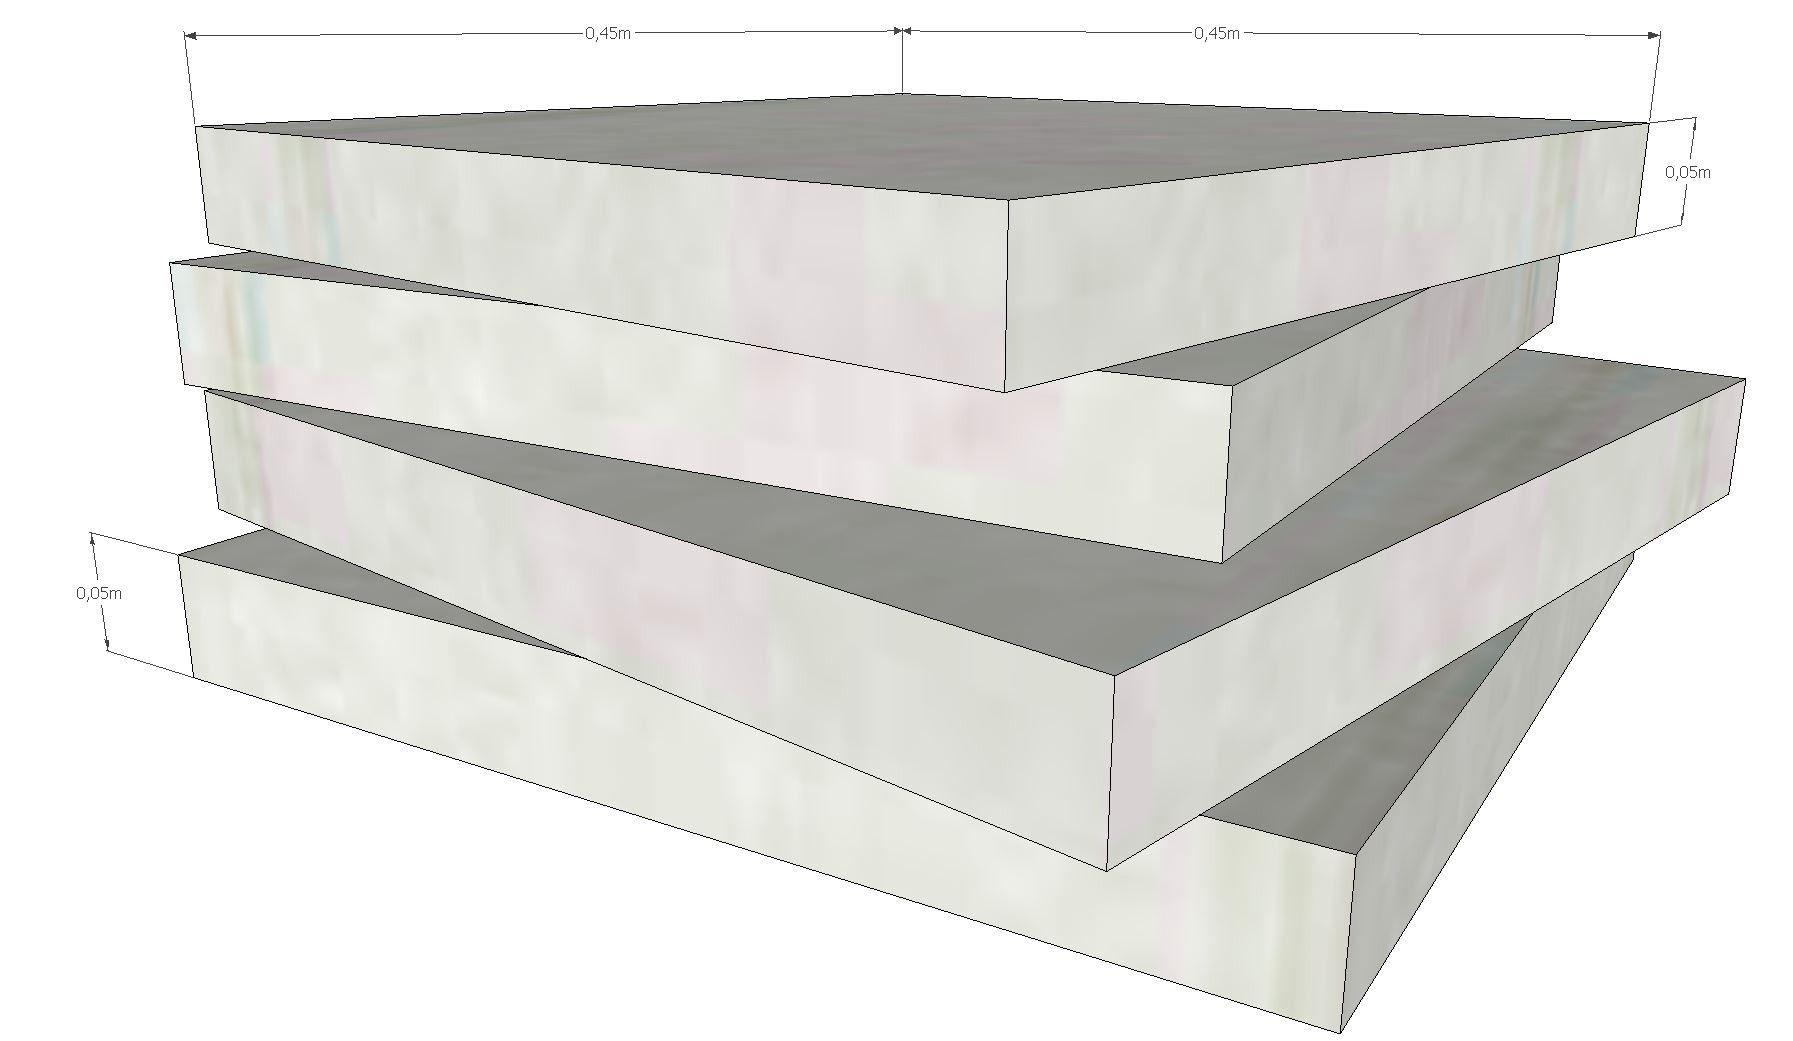 Schaumstoff Polster Set 4 Stk 45x45x5cm Sehr Feste Qualität Polster Wolle Kaufen Kissen